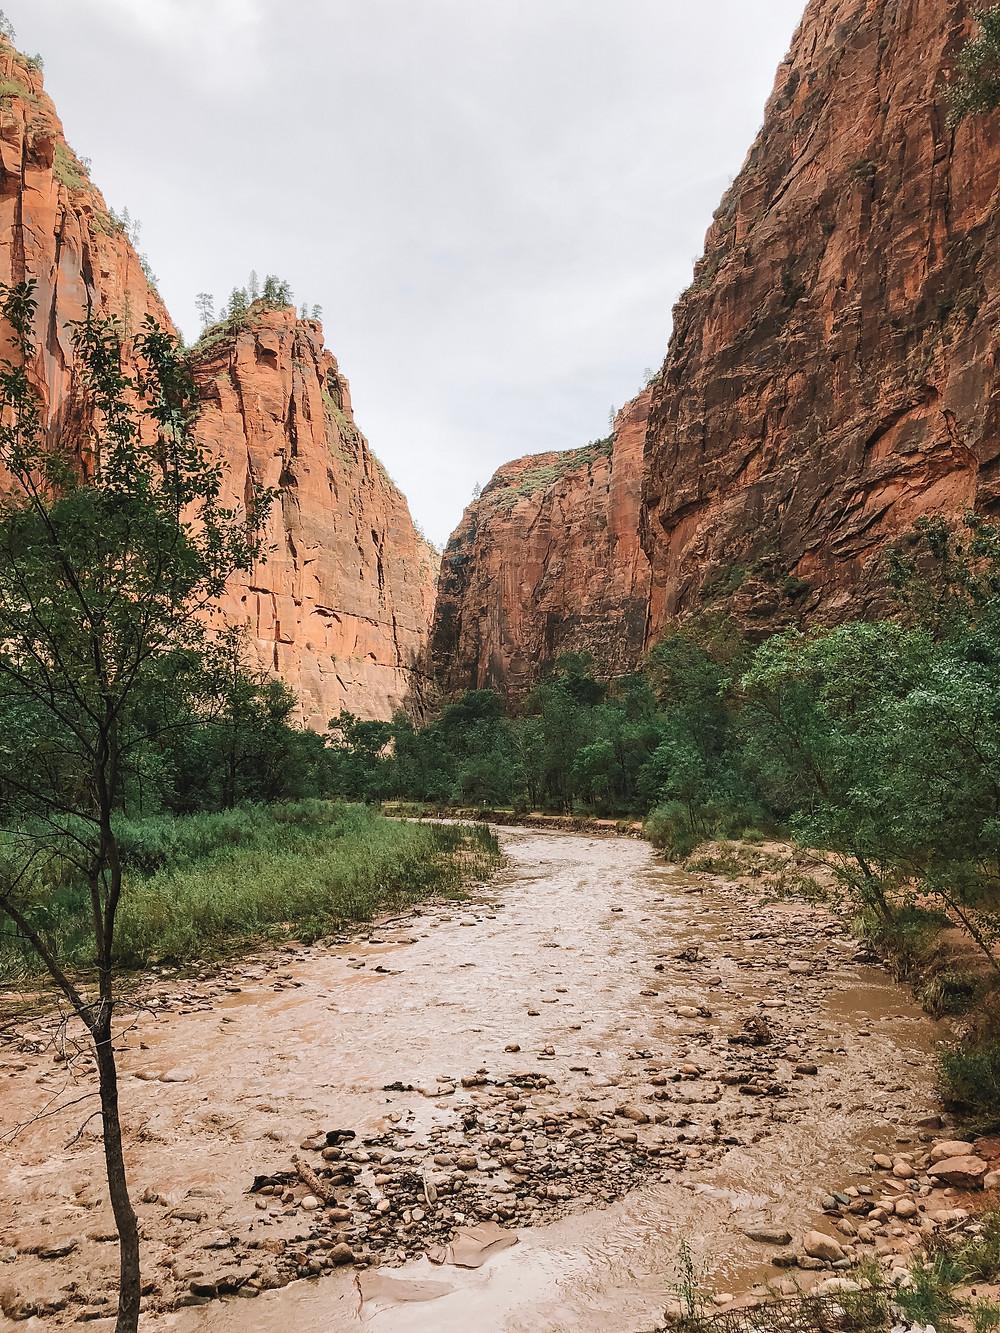 zion national park stream red rocks peak cliff